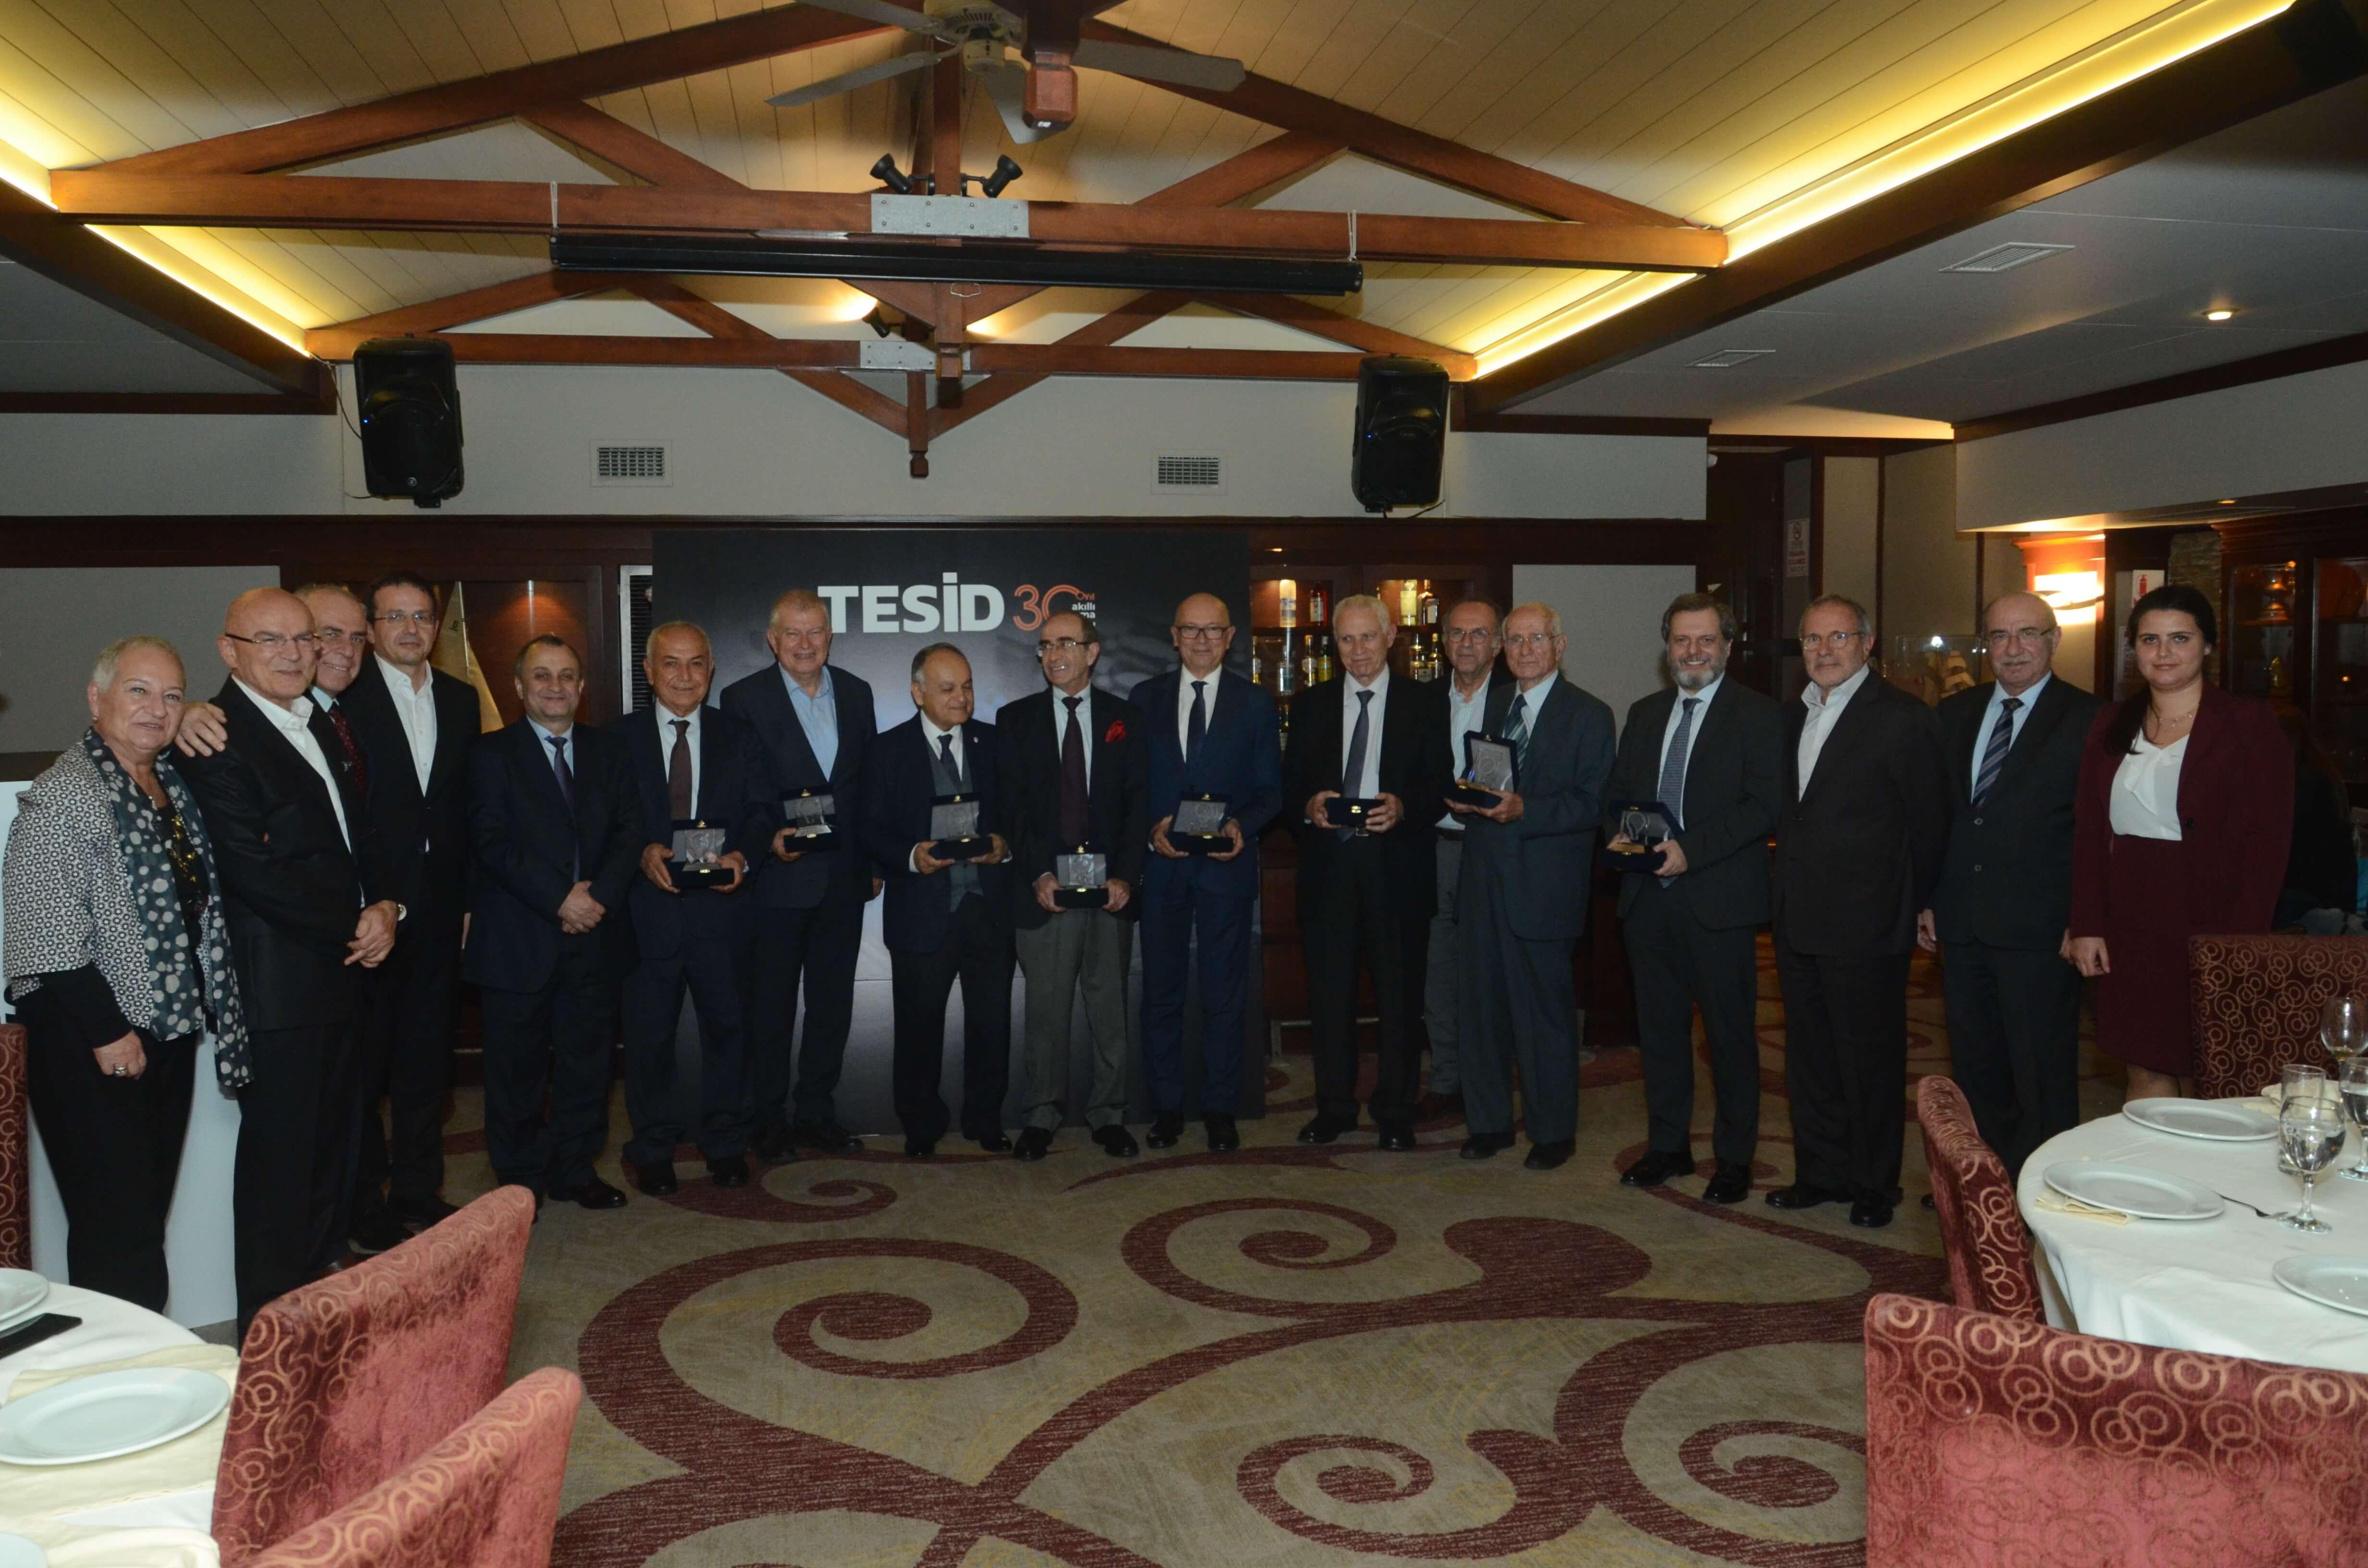 Türk Elektronik Sanayicileri Derneği (TESİD) 30 Yaşında